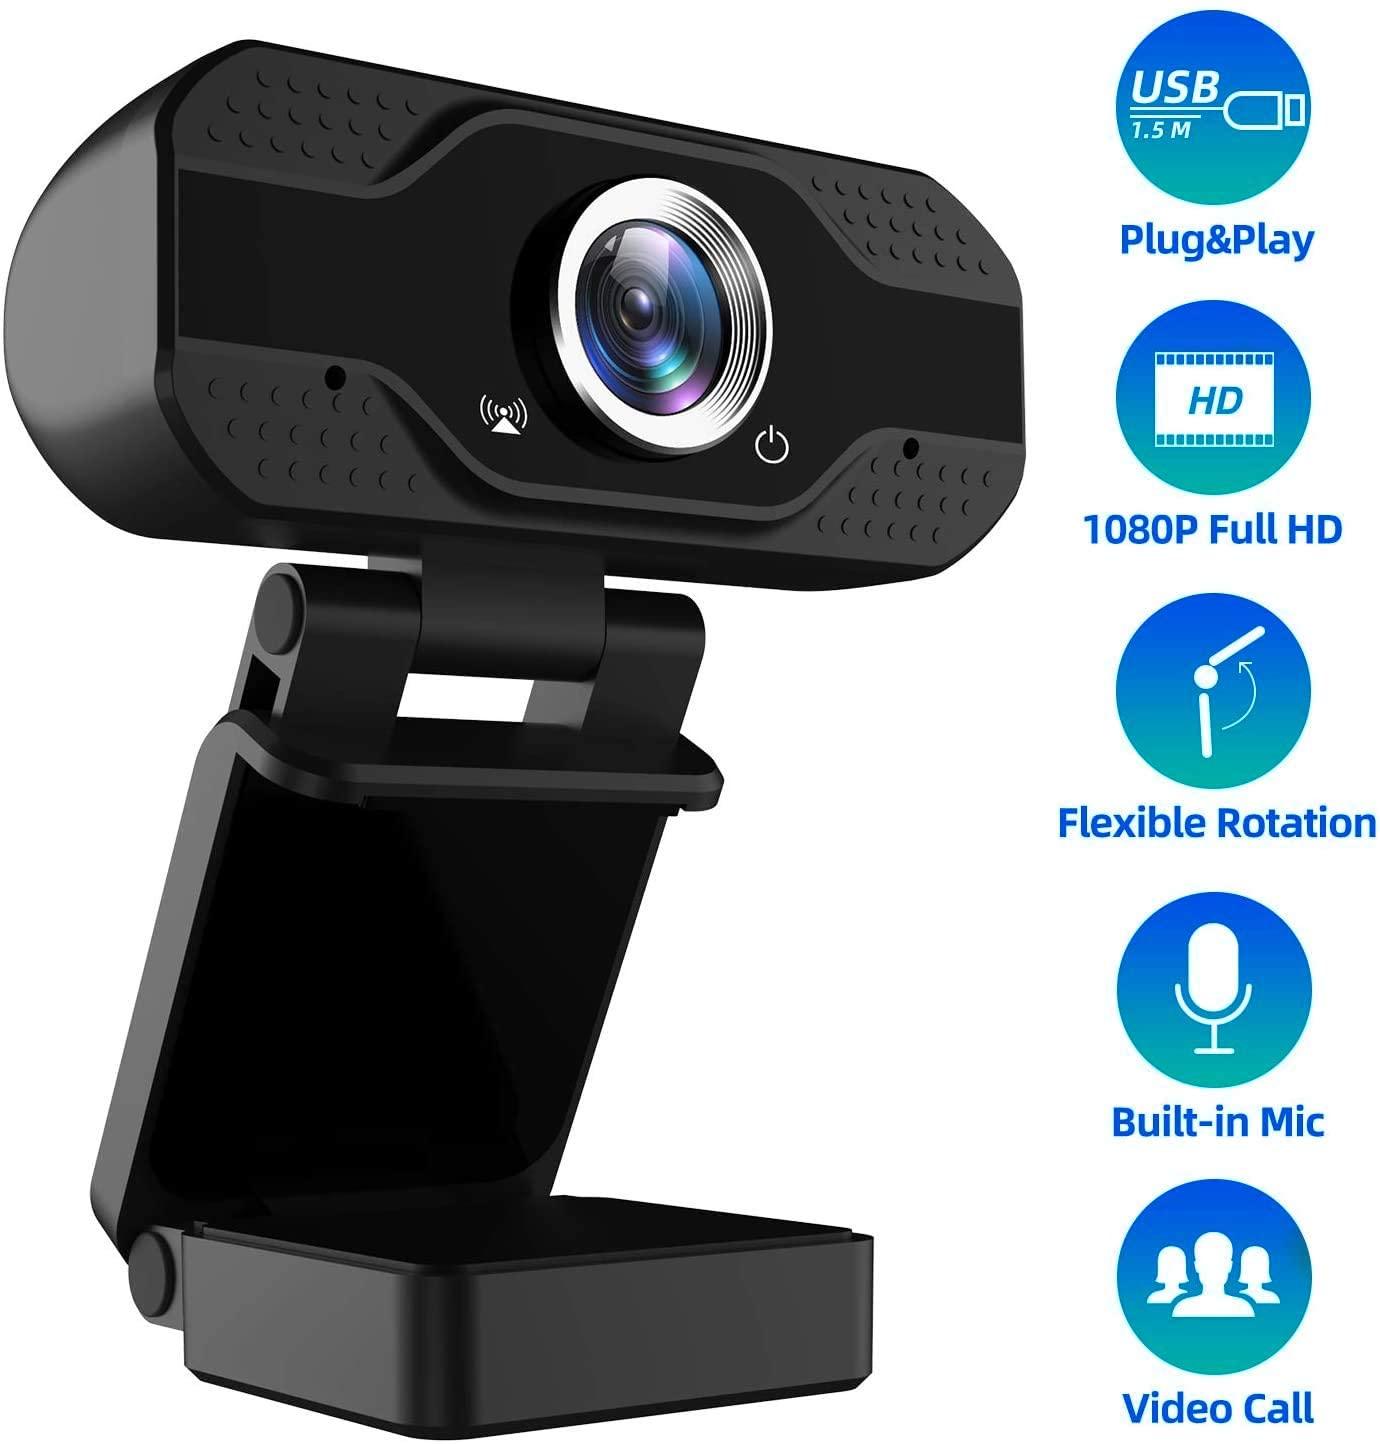 webcam-hd-barata-gamry.jpg